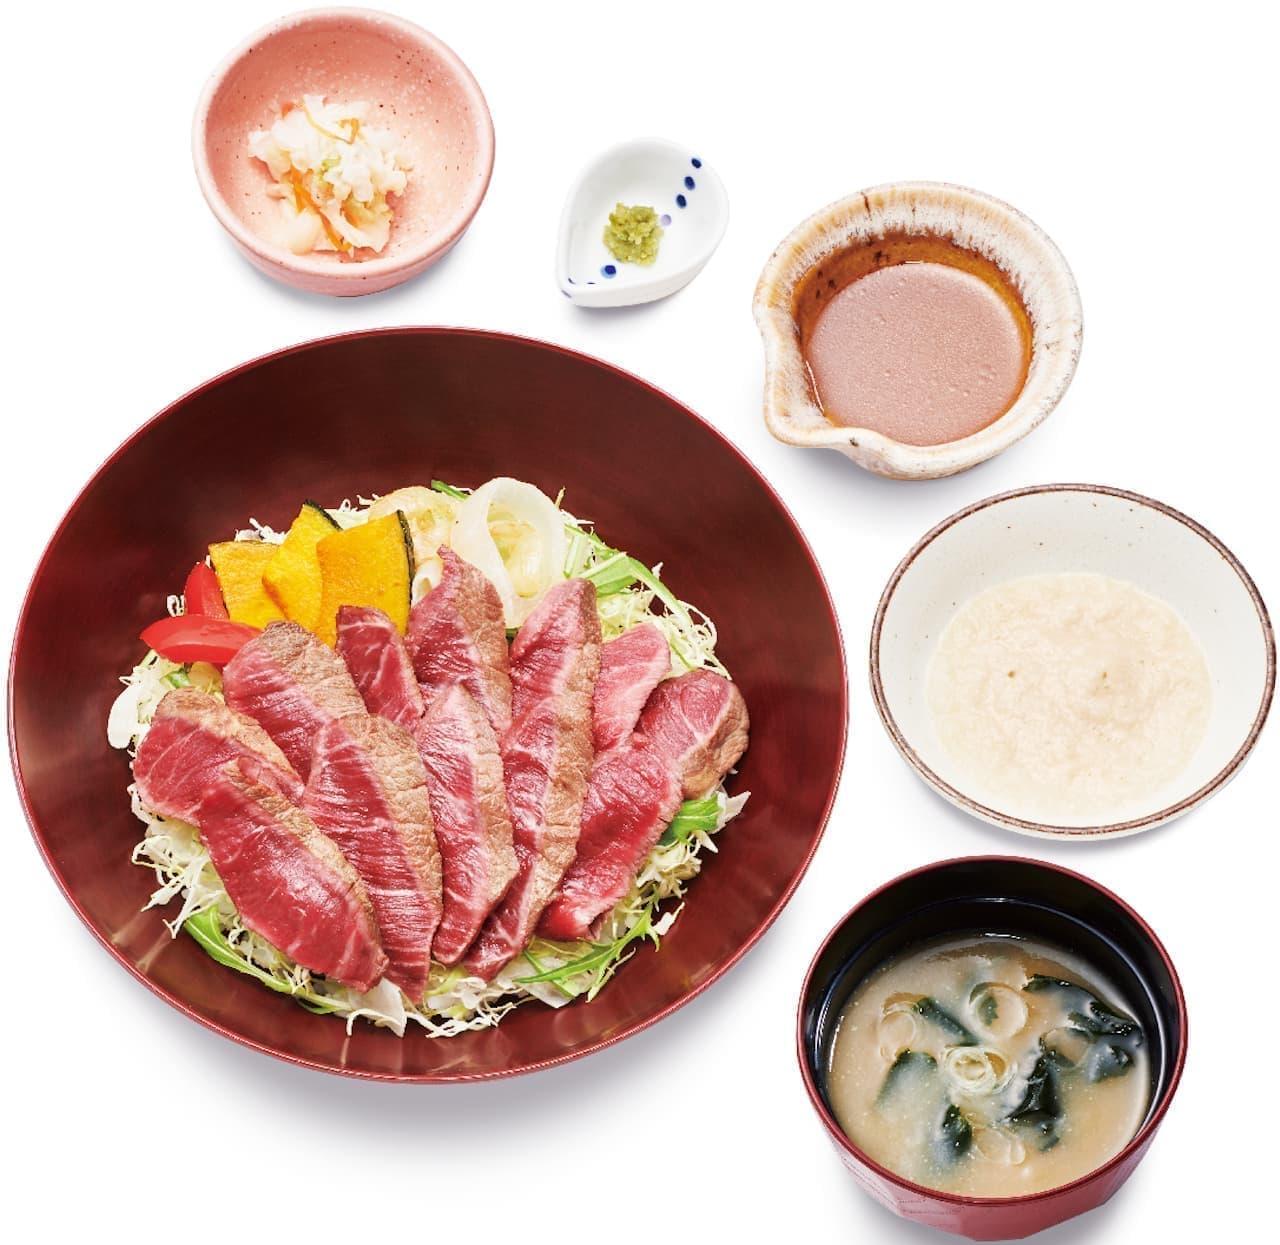 大戸屋「ミスジステーキサラダ丼」